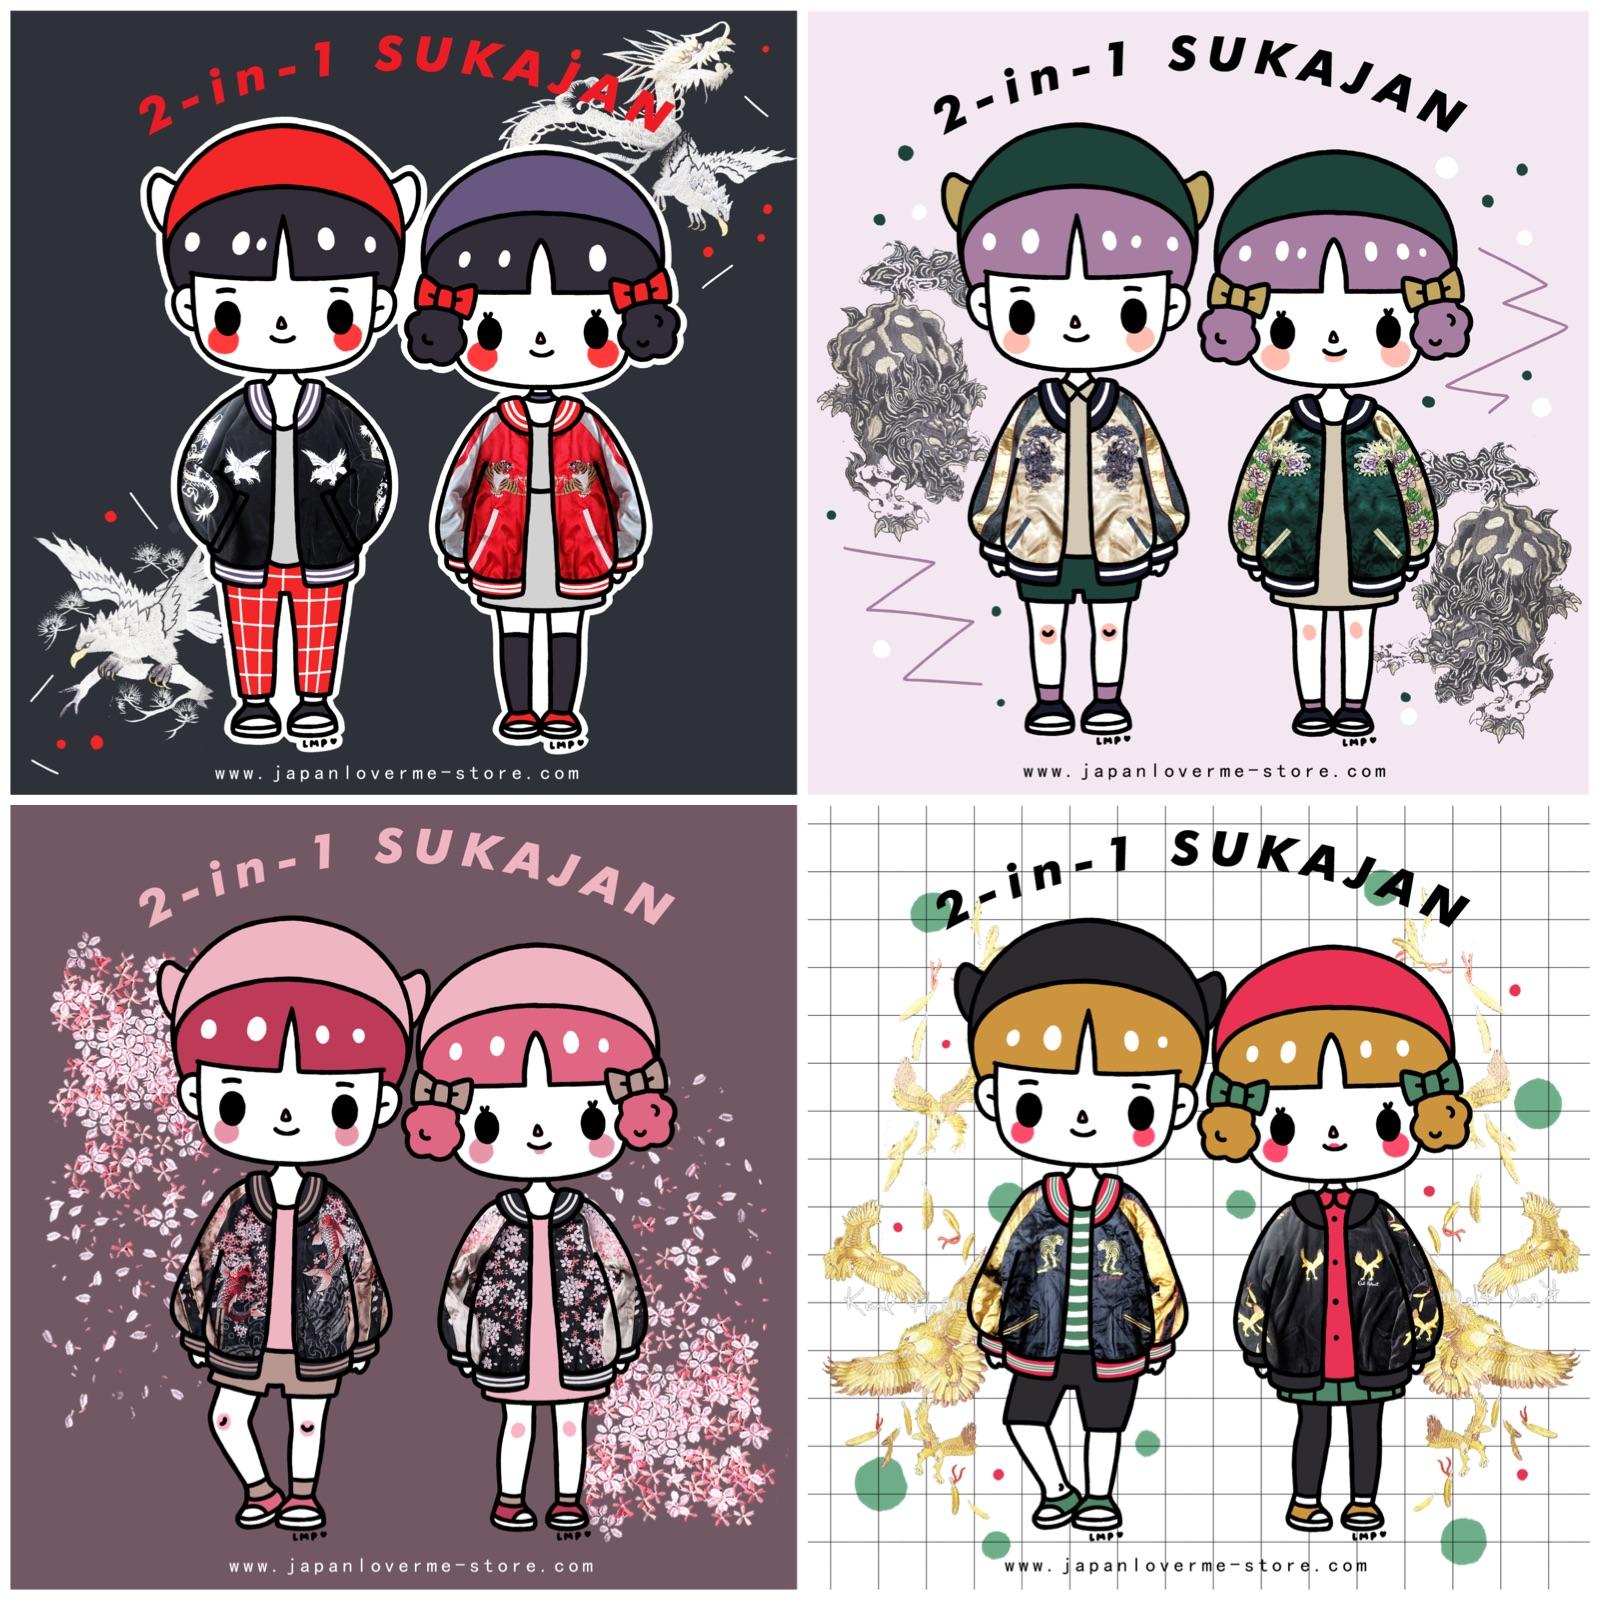 sukajan skajan souvenir jacket japan lover me store2